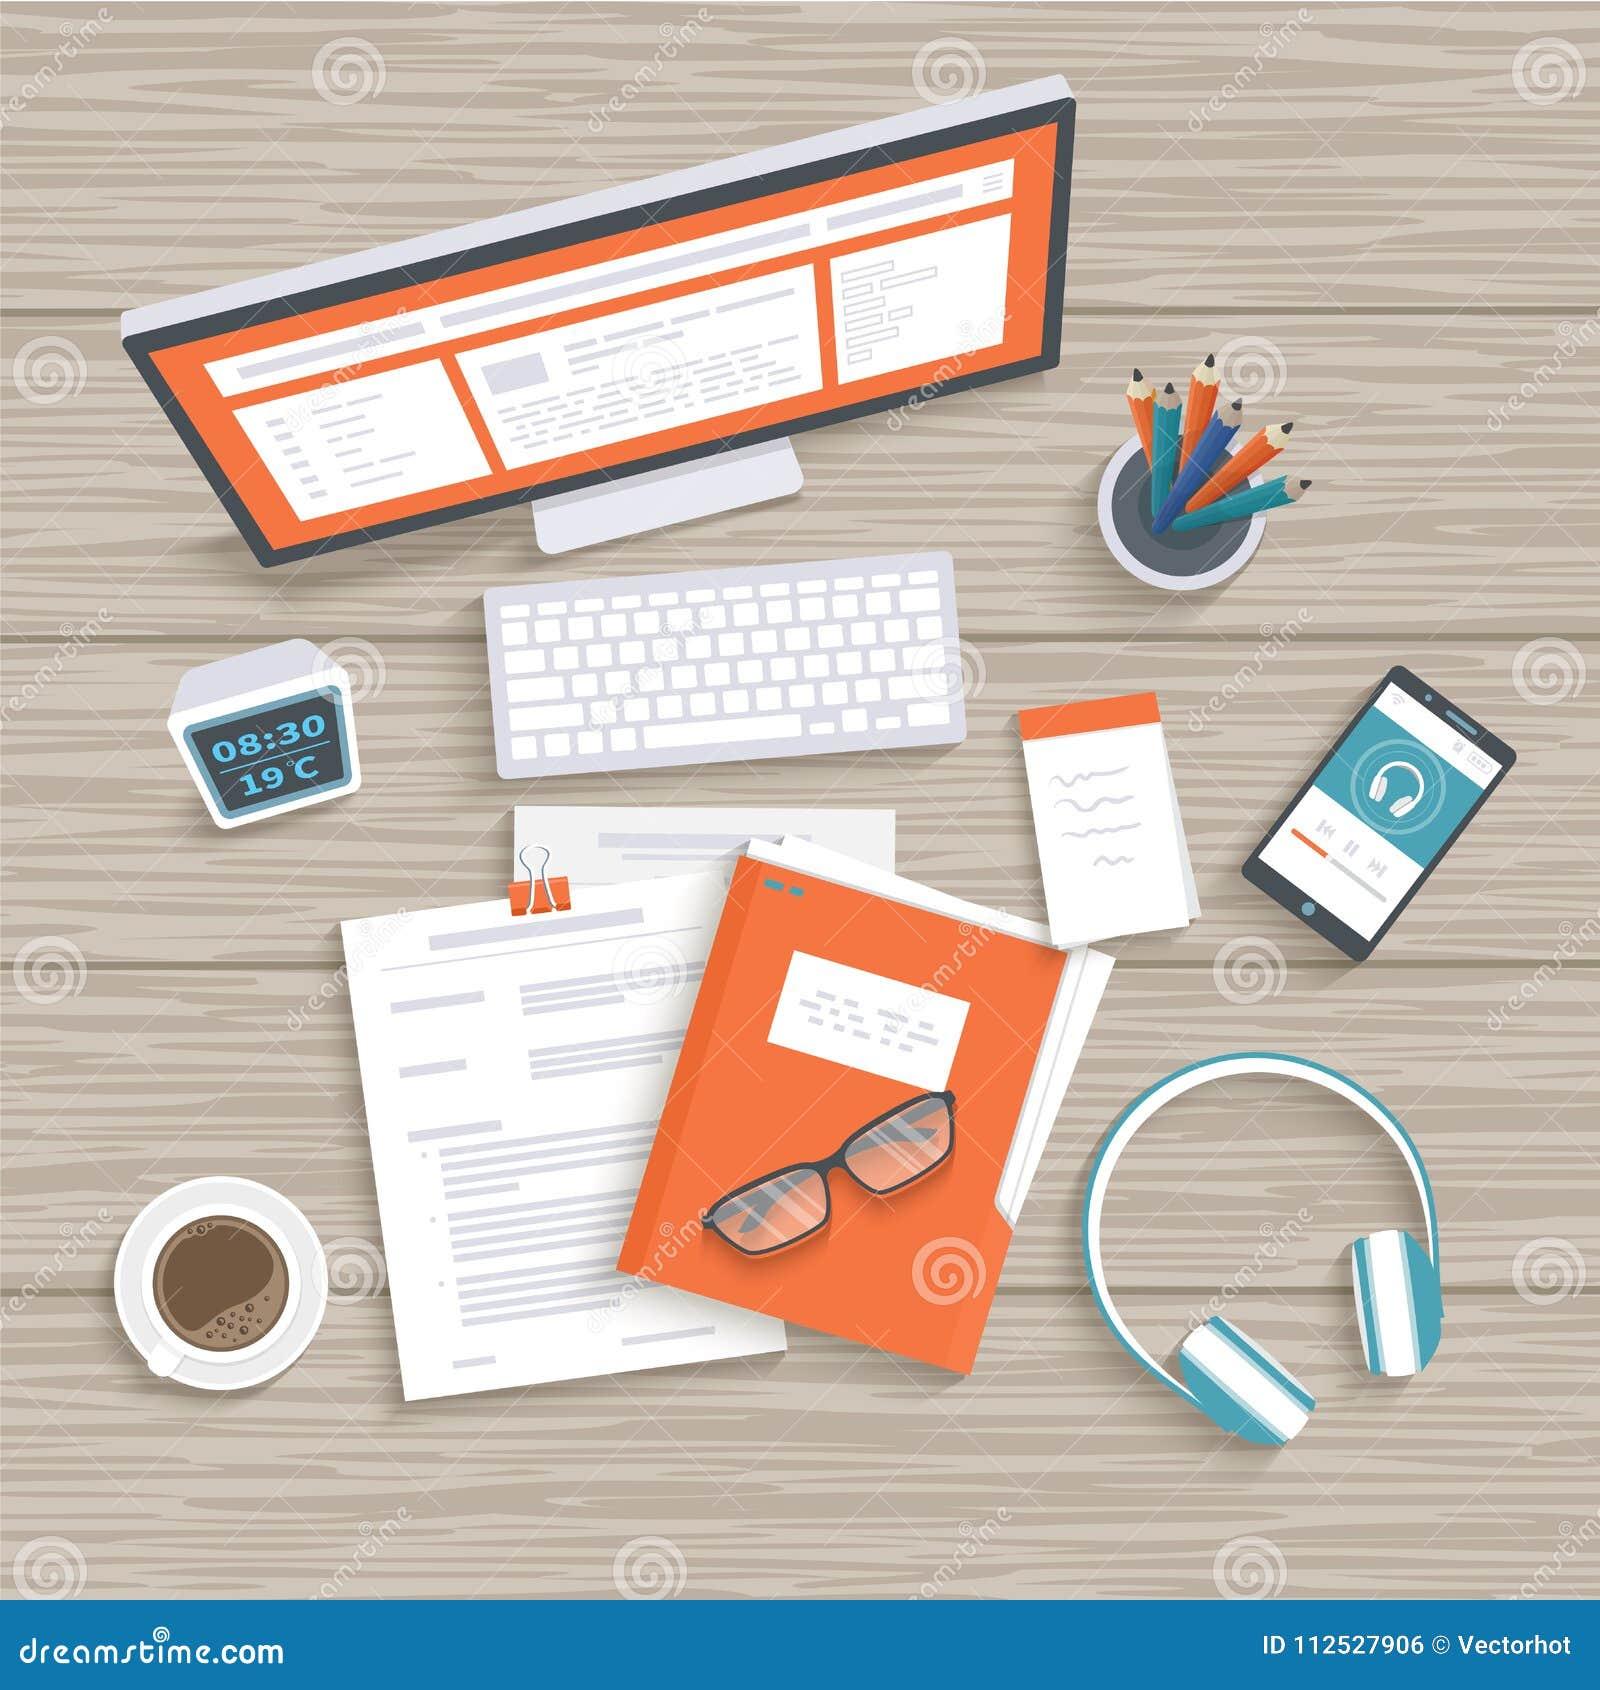 有显示器的,键盘,文件,文件夹,耳机,电话桌面 木台式视图 工作场所背景